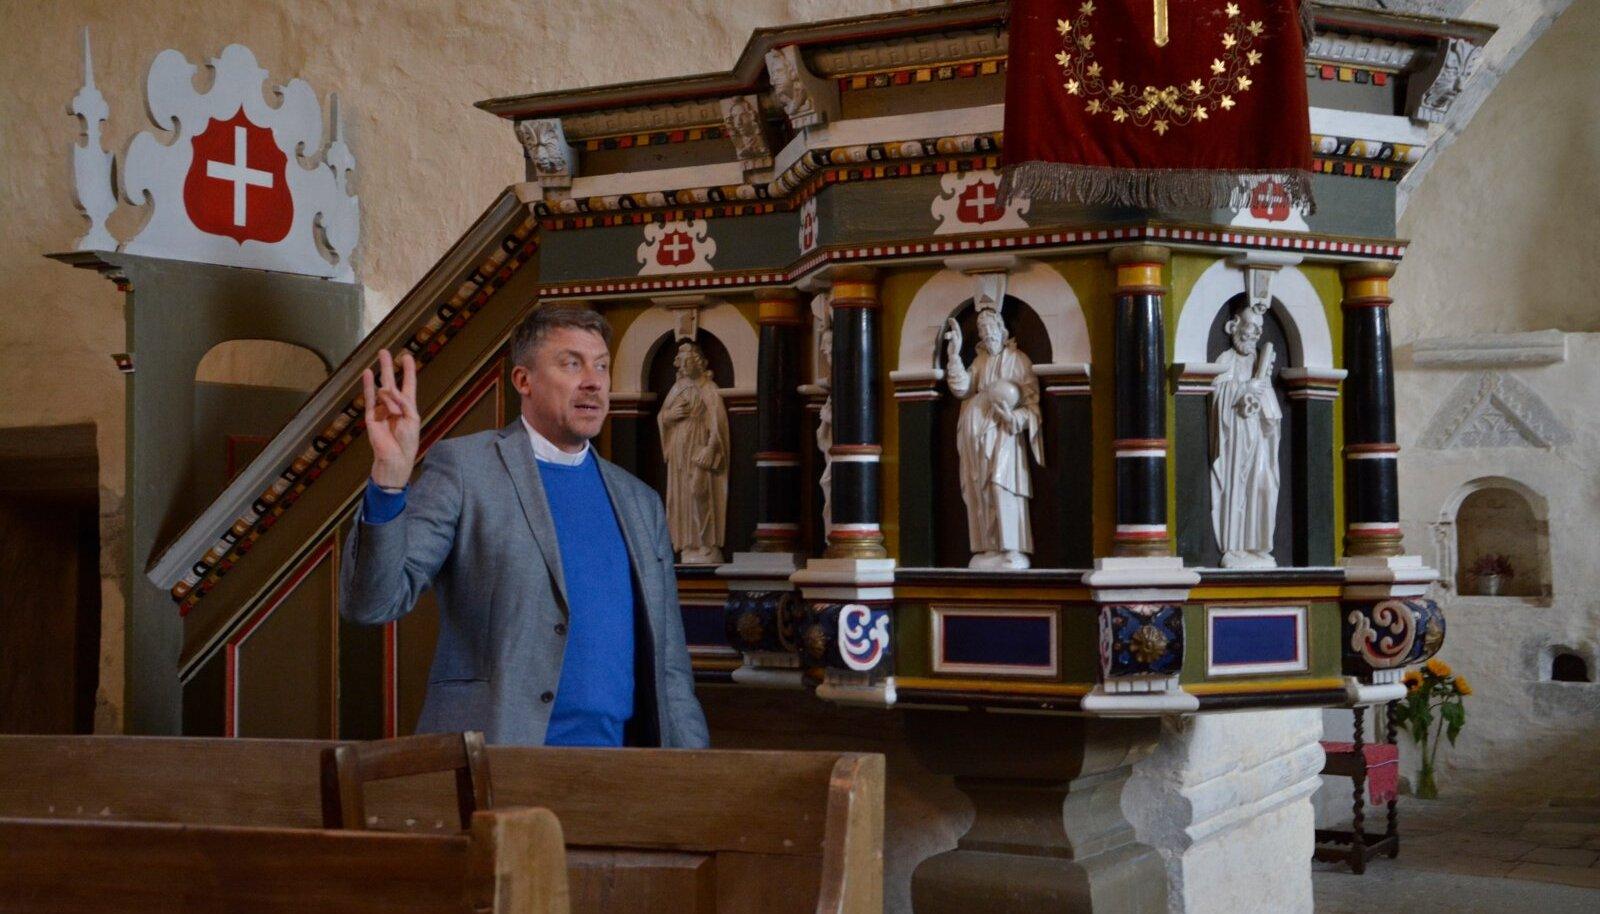 Risti kirik. Peapiiskop räägib kolmainsusest, sellest ka niisugune käemärk.